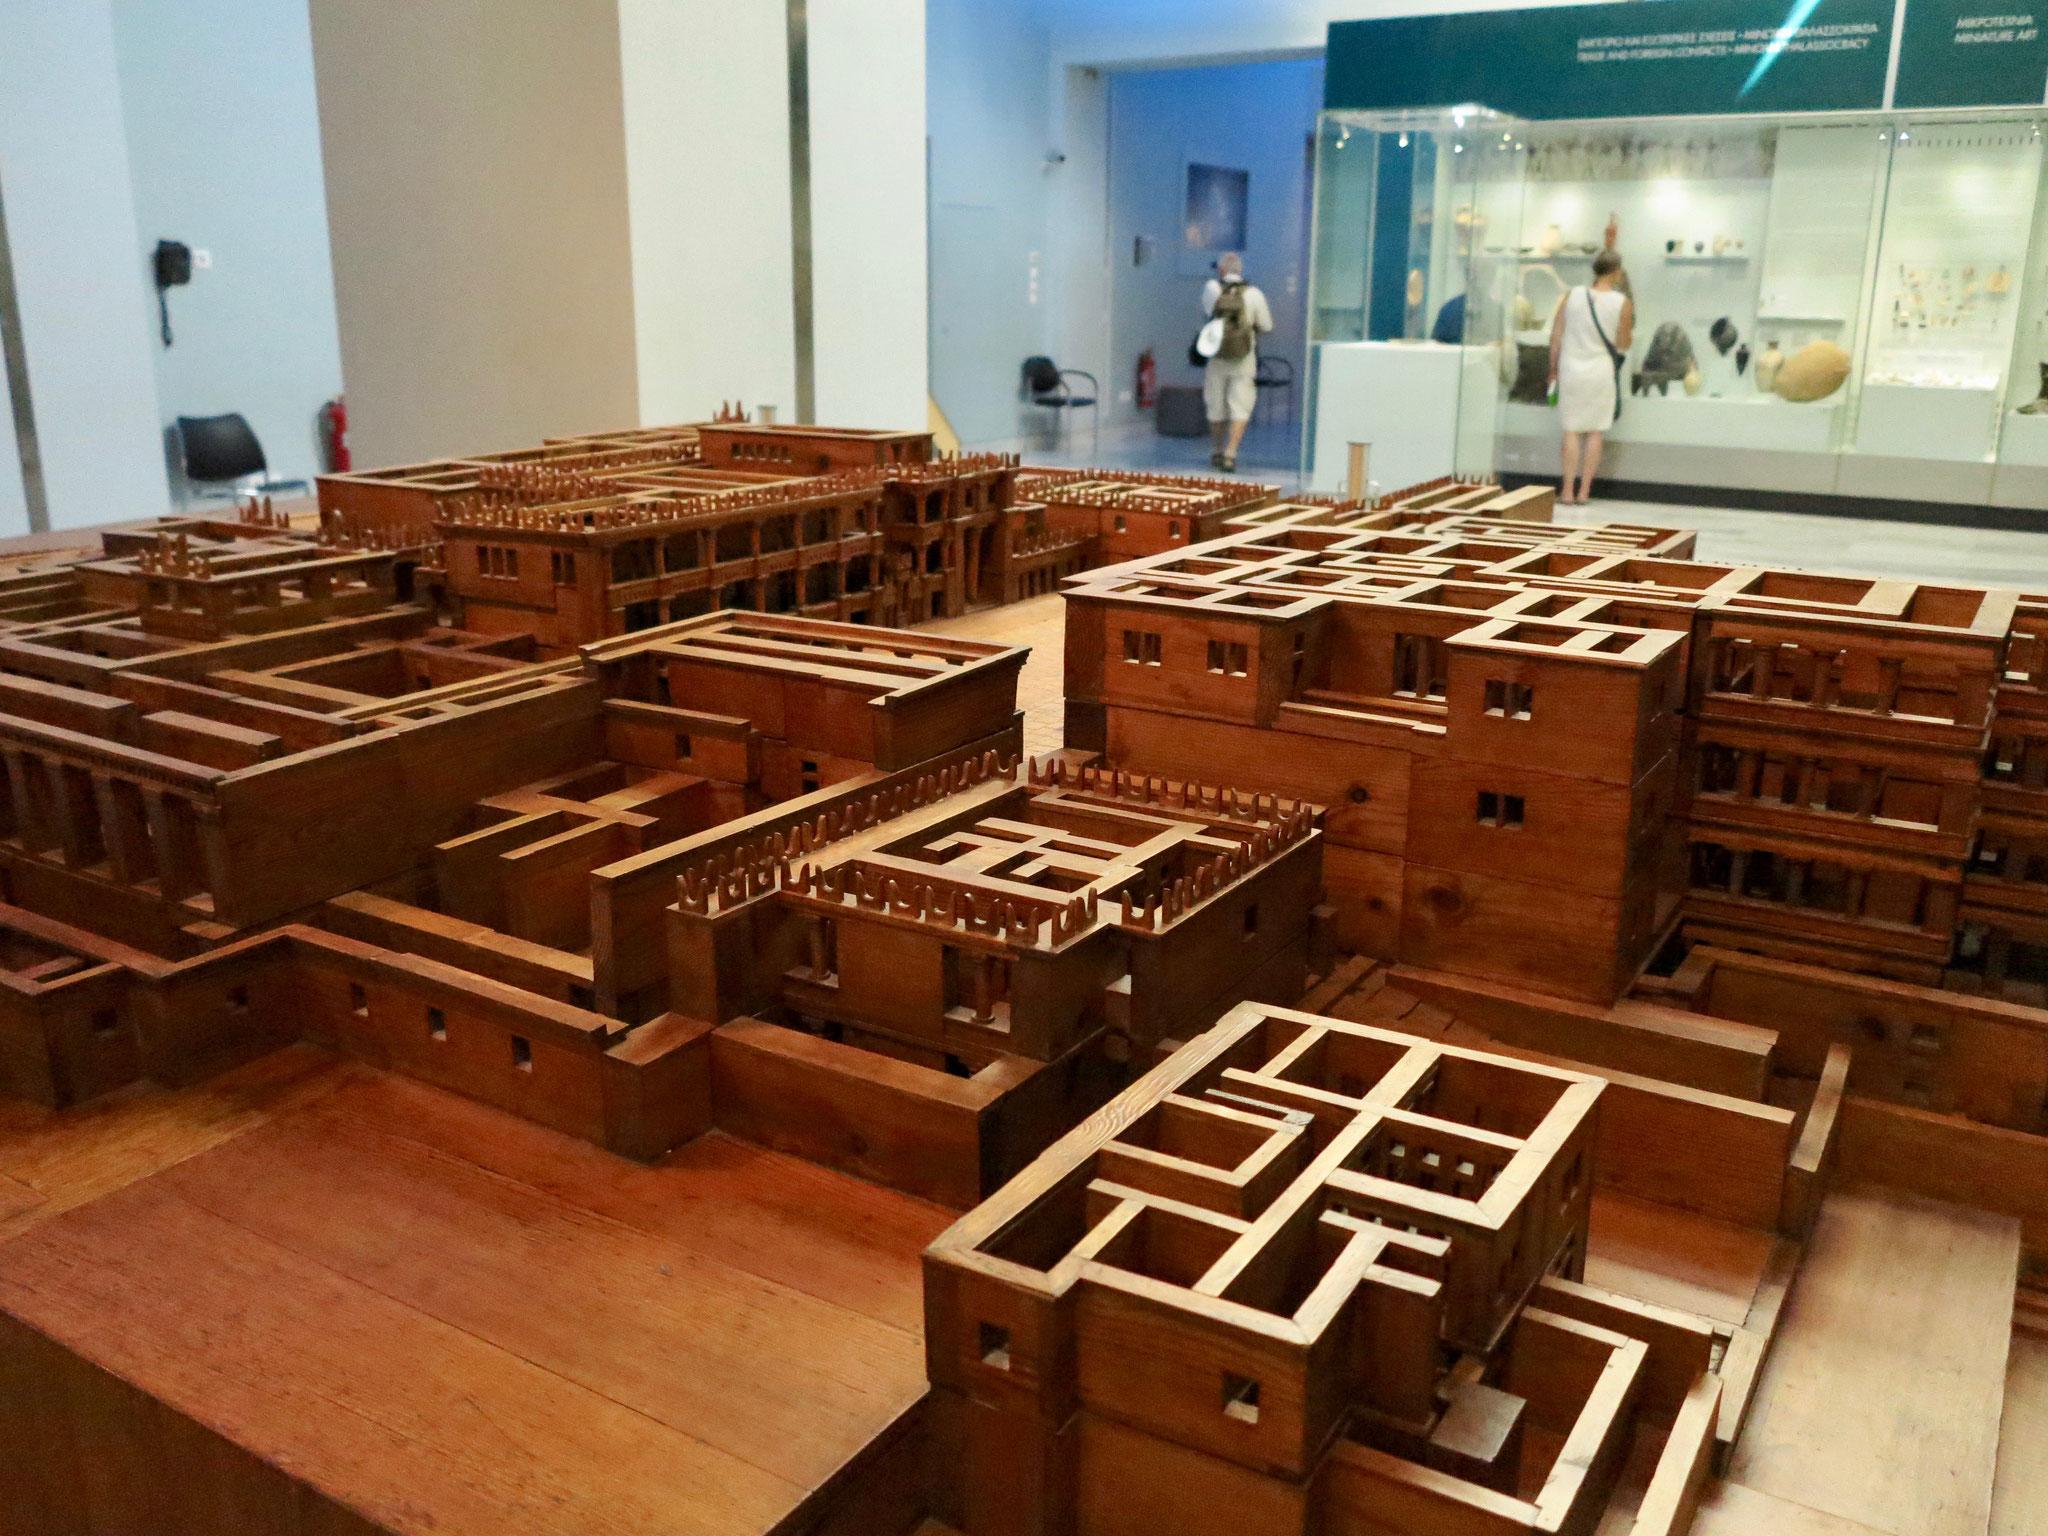 別名ラビリンスであったクノッソス宮殿の復元模型